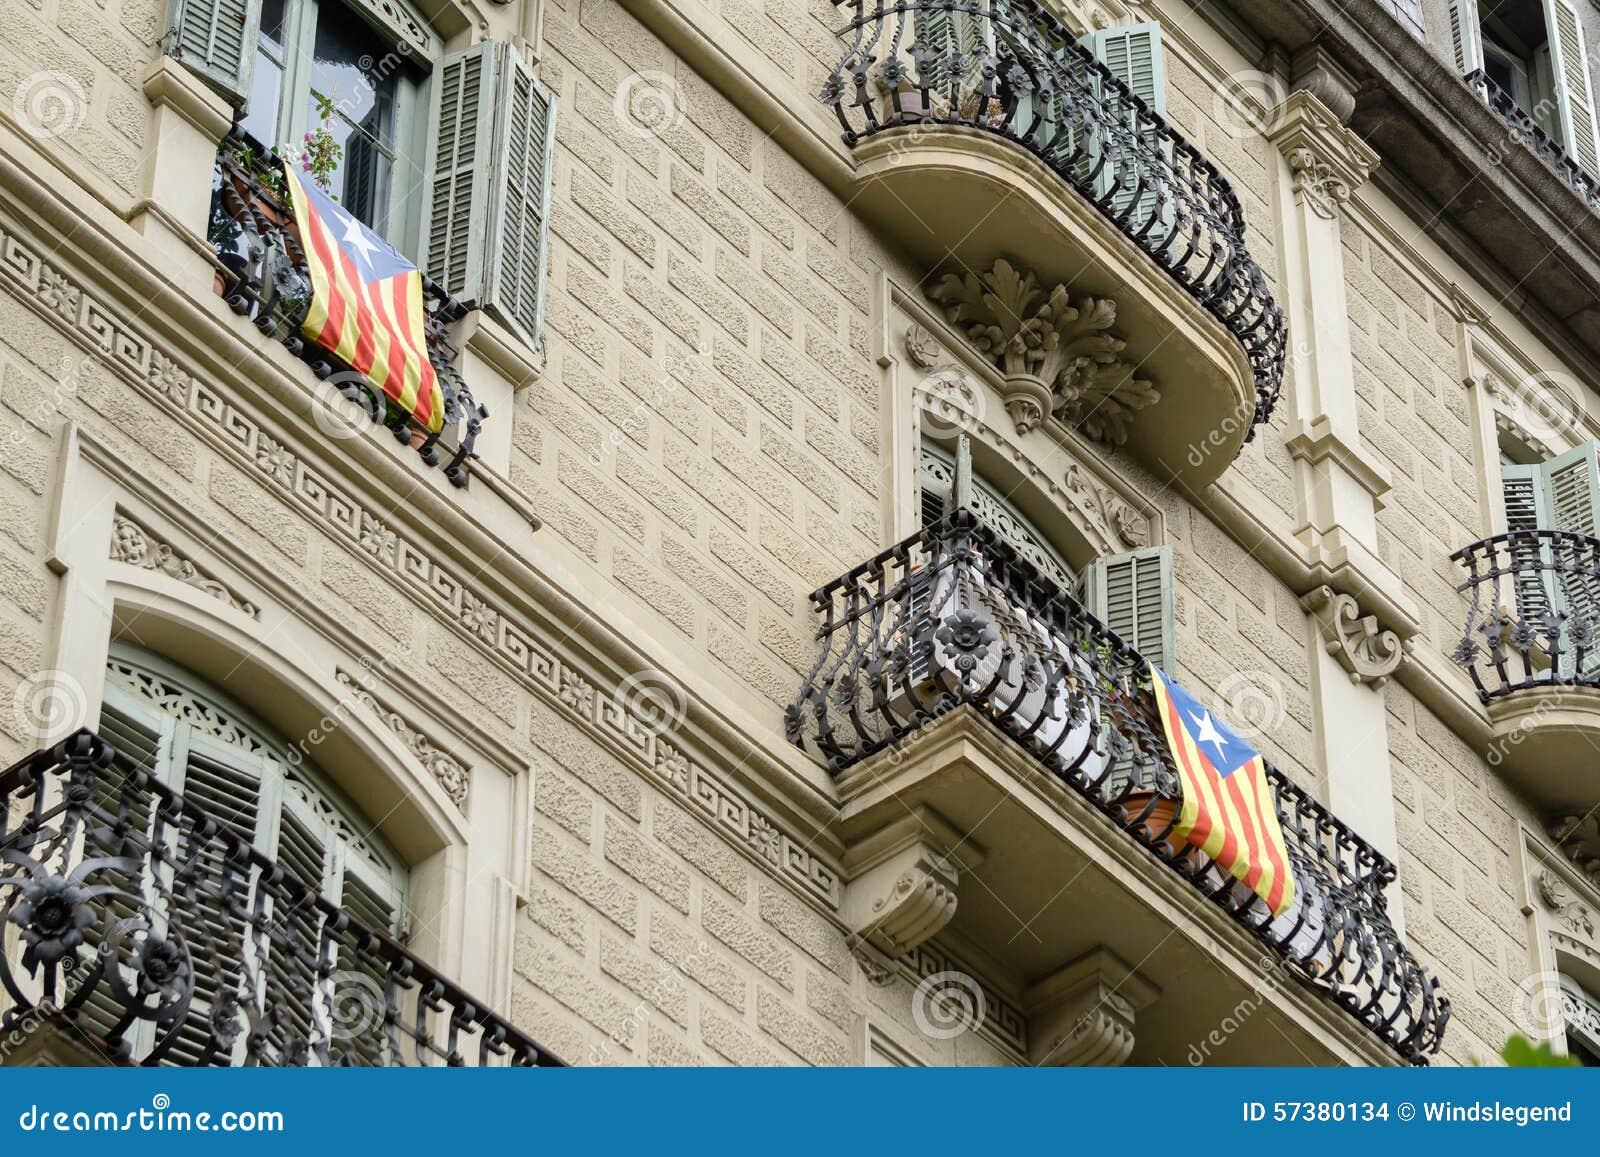 Onafhankelijkheidsvlaggen